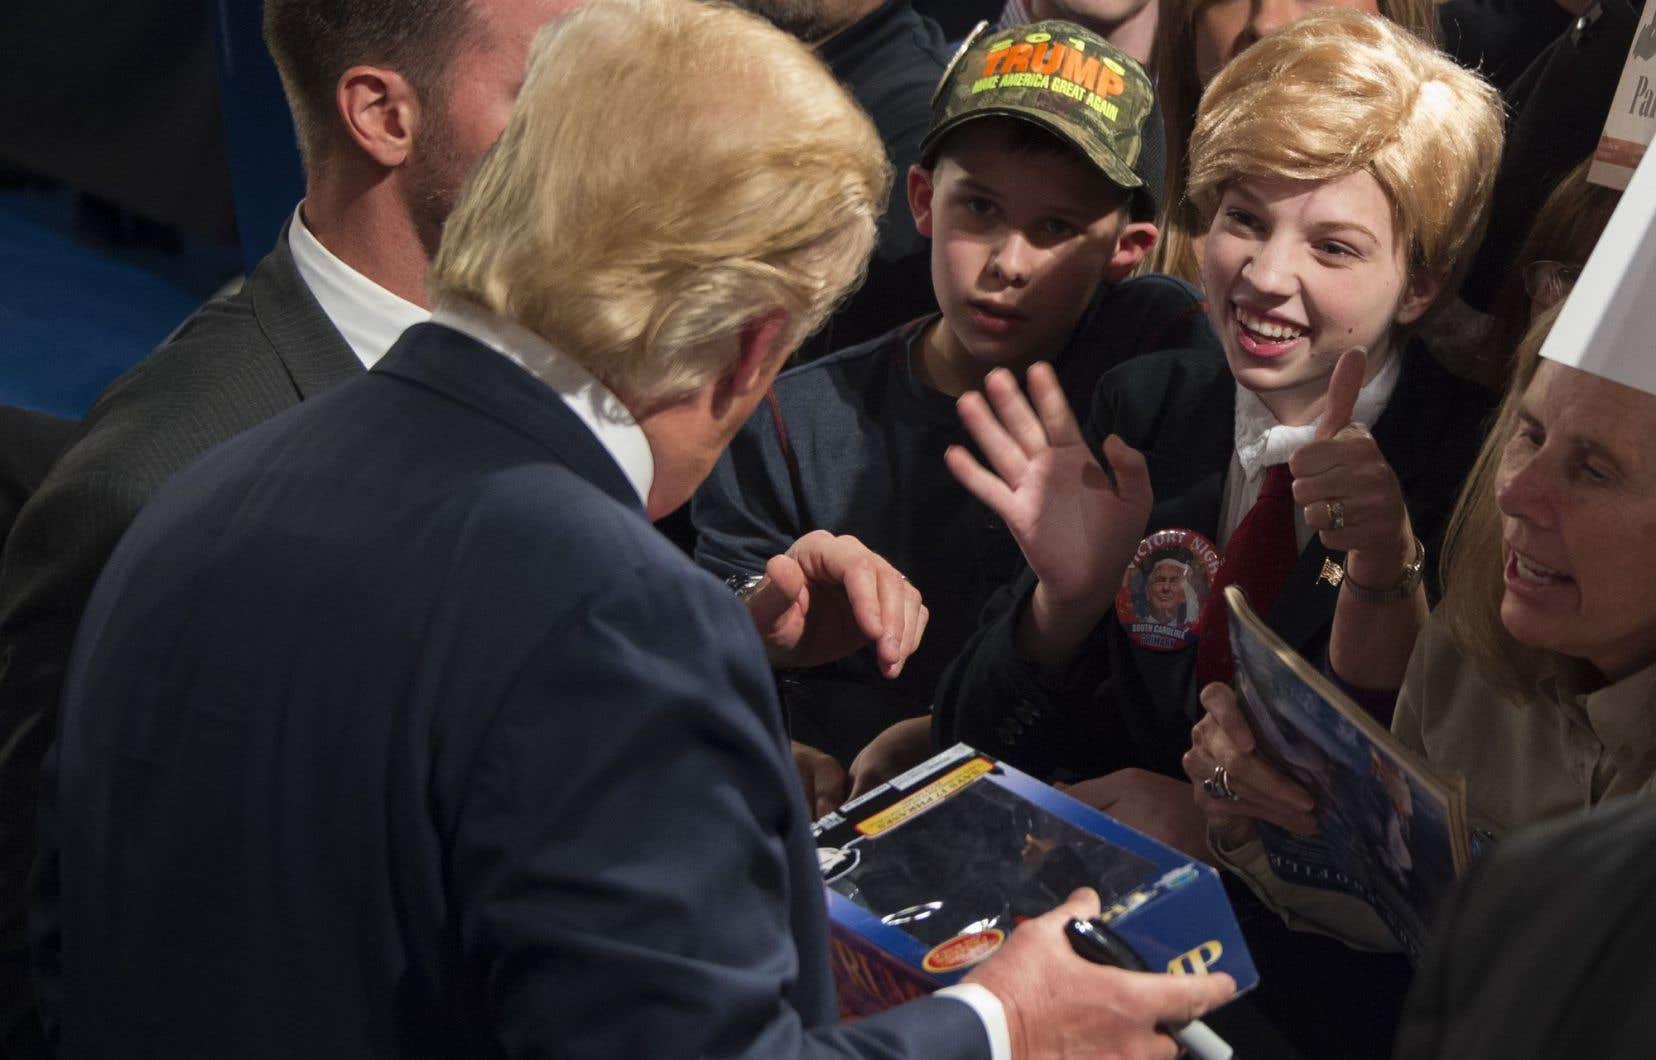 Donald Trump a rencontré une jeune fille habillée à son image lors d'un rassemblement partisan à Sumter, en Caroline du Sud.